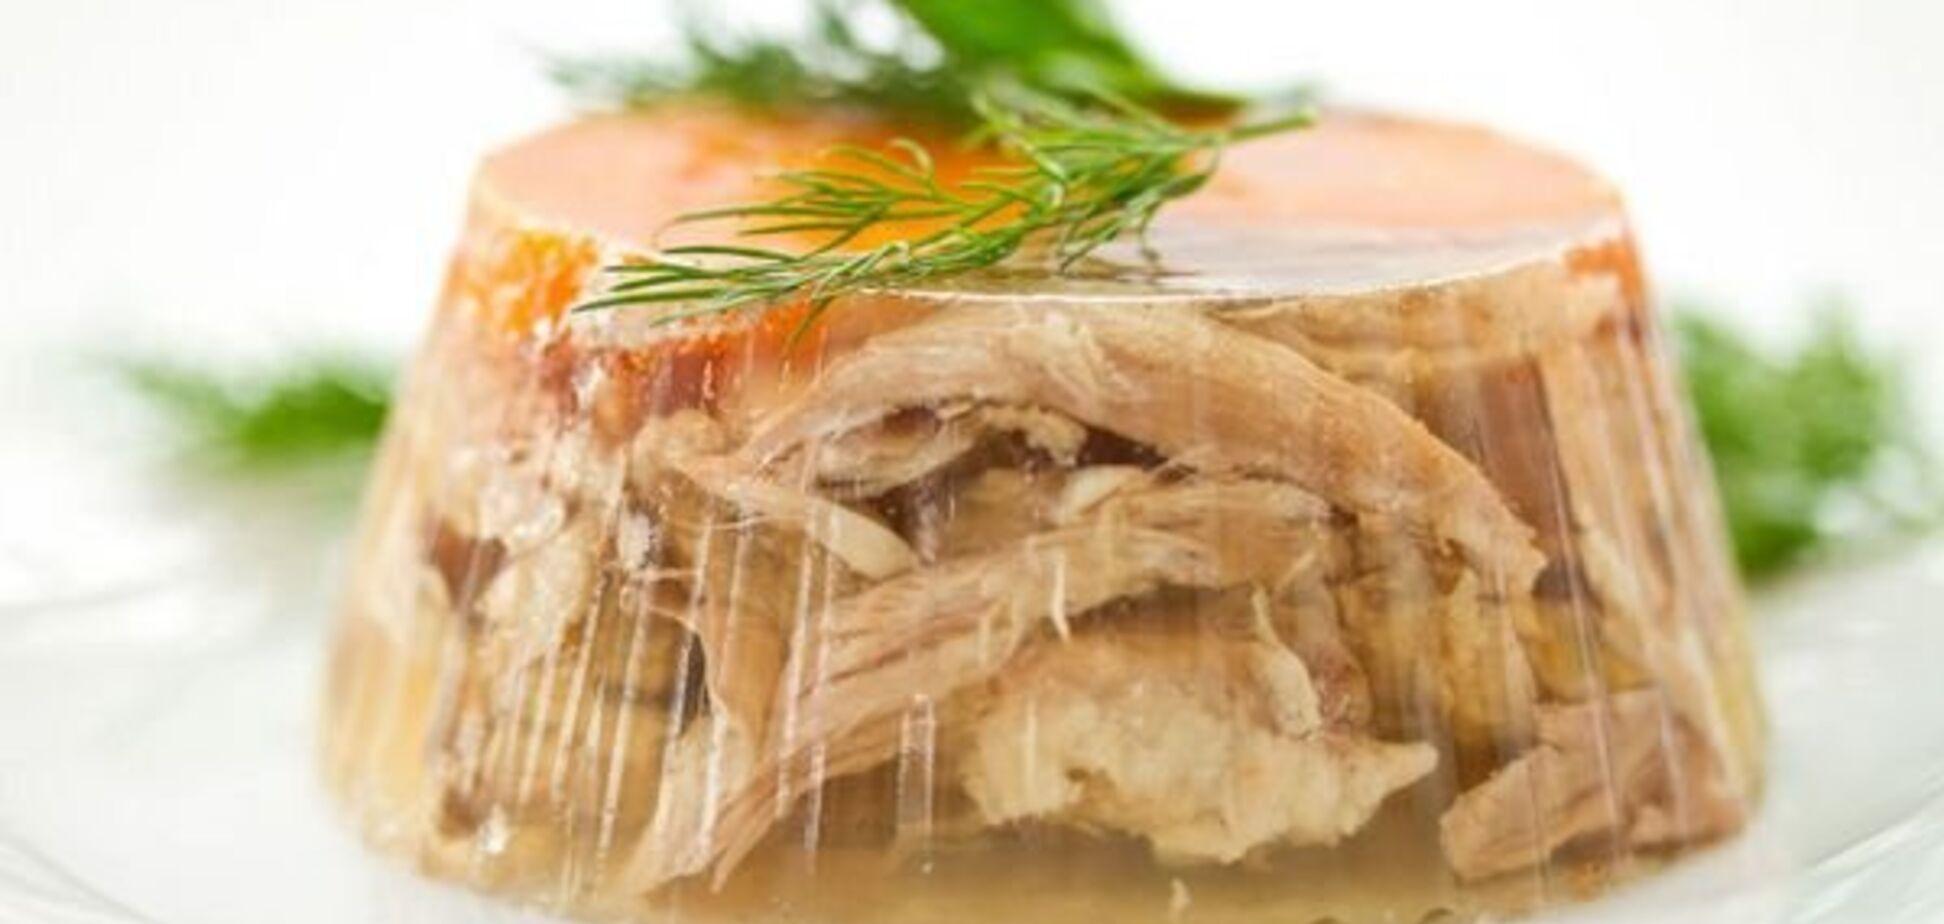 Рецепт дуже апетитного холодцю, щоб смачно нагодувати сім'ю і гостей